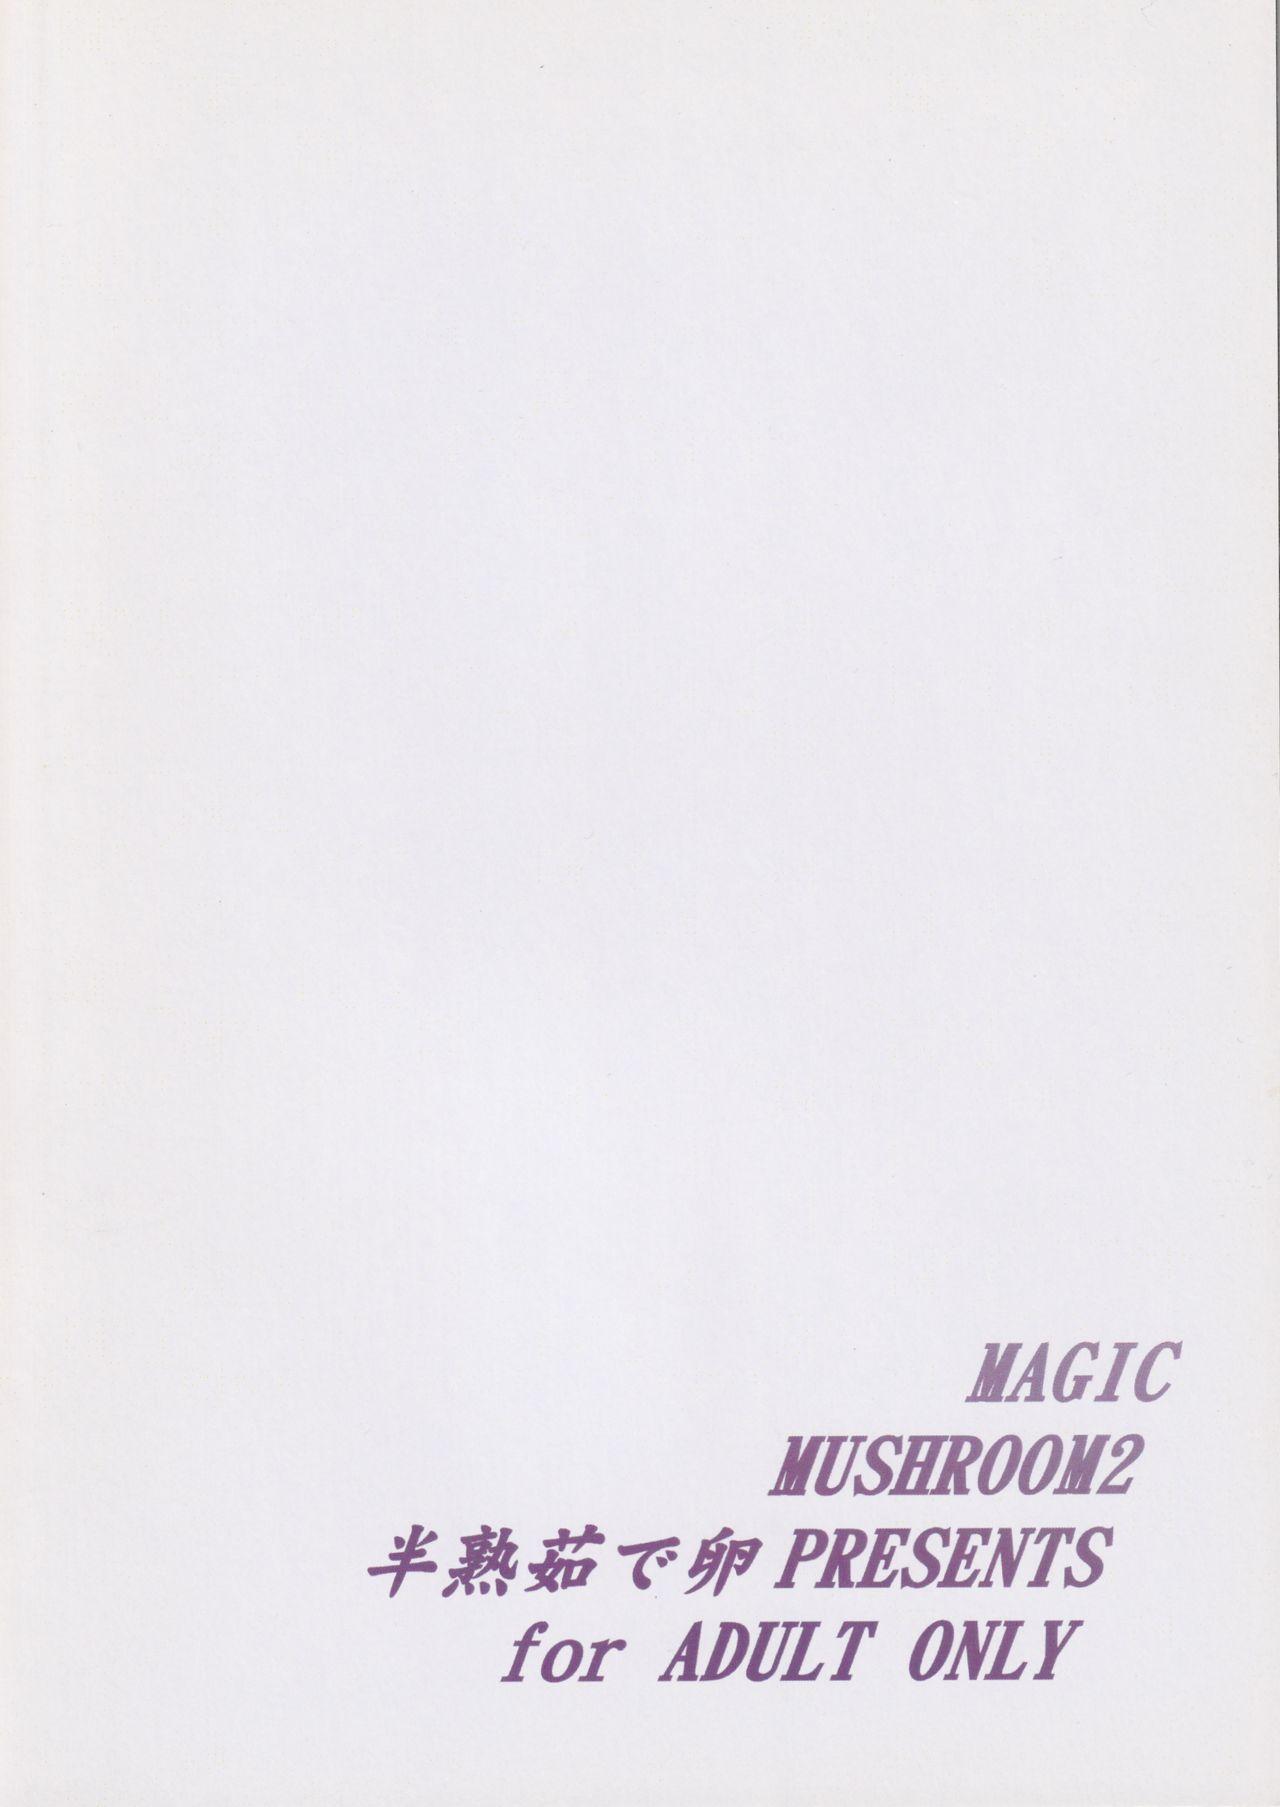 MAGIC MUSHROOM 2 17